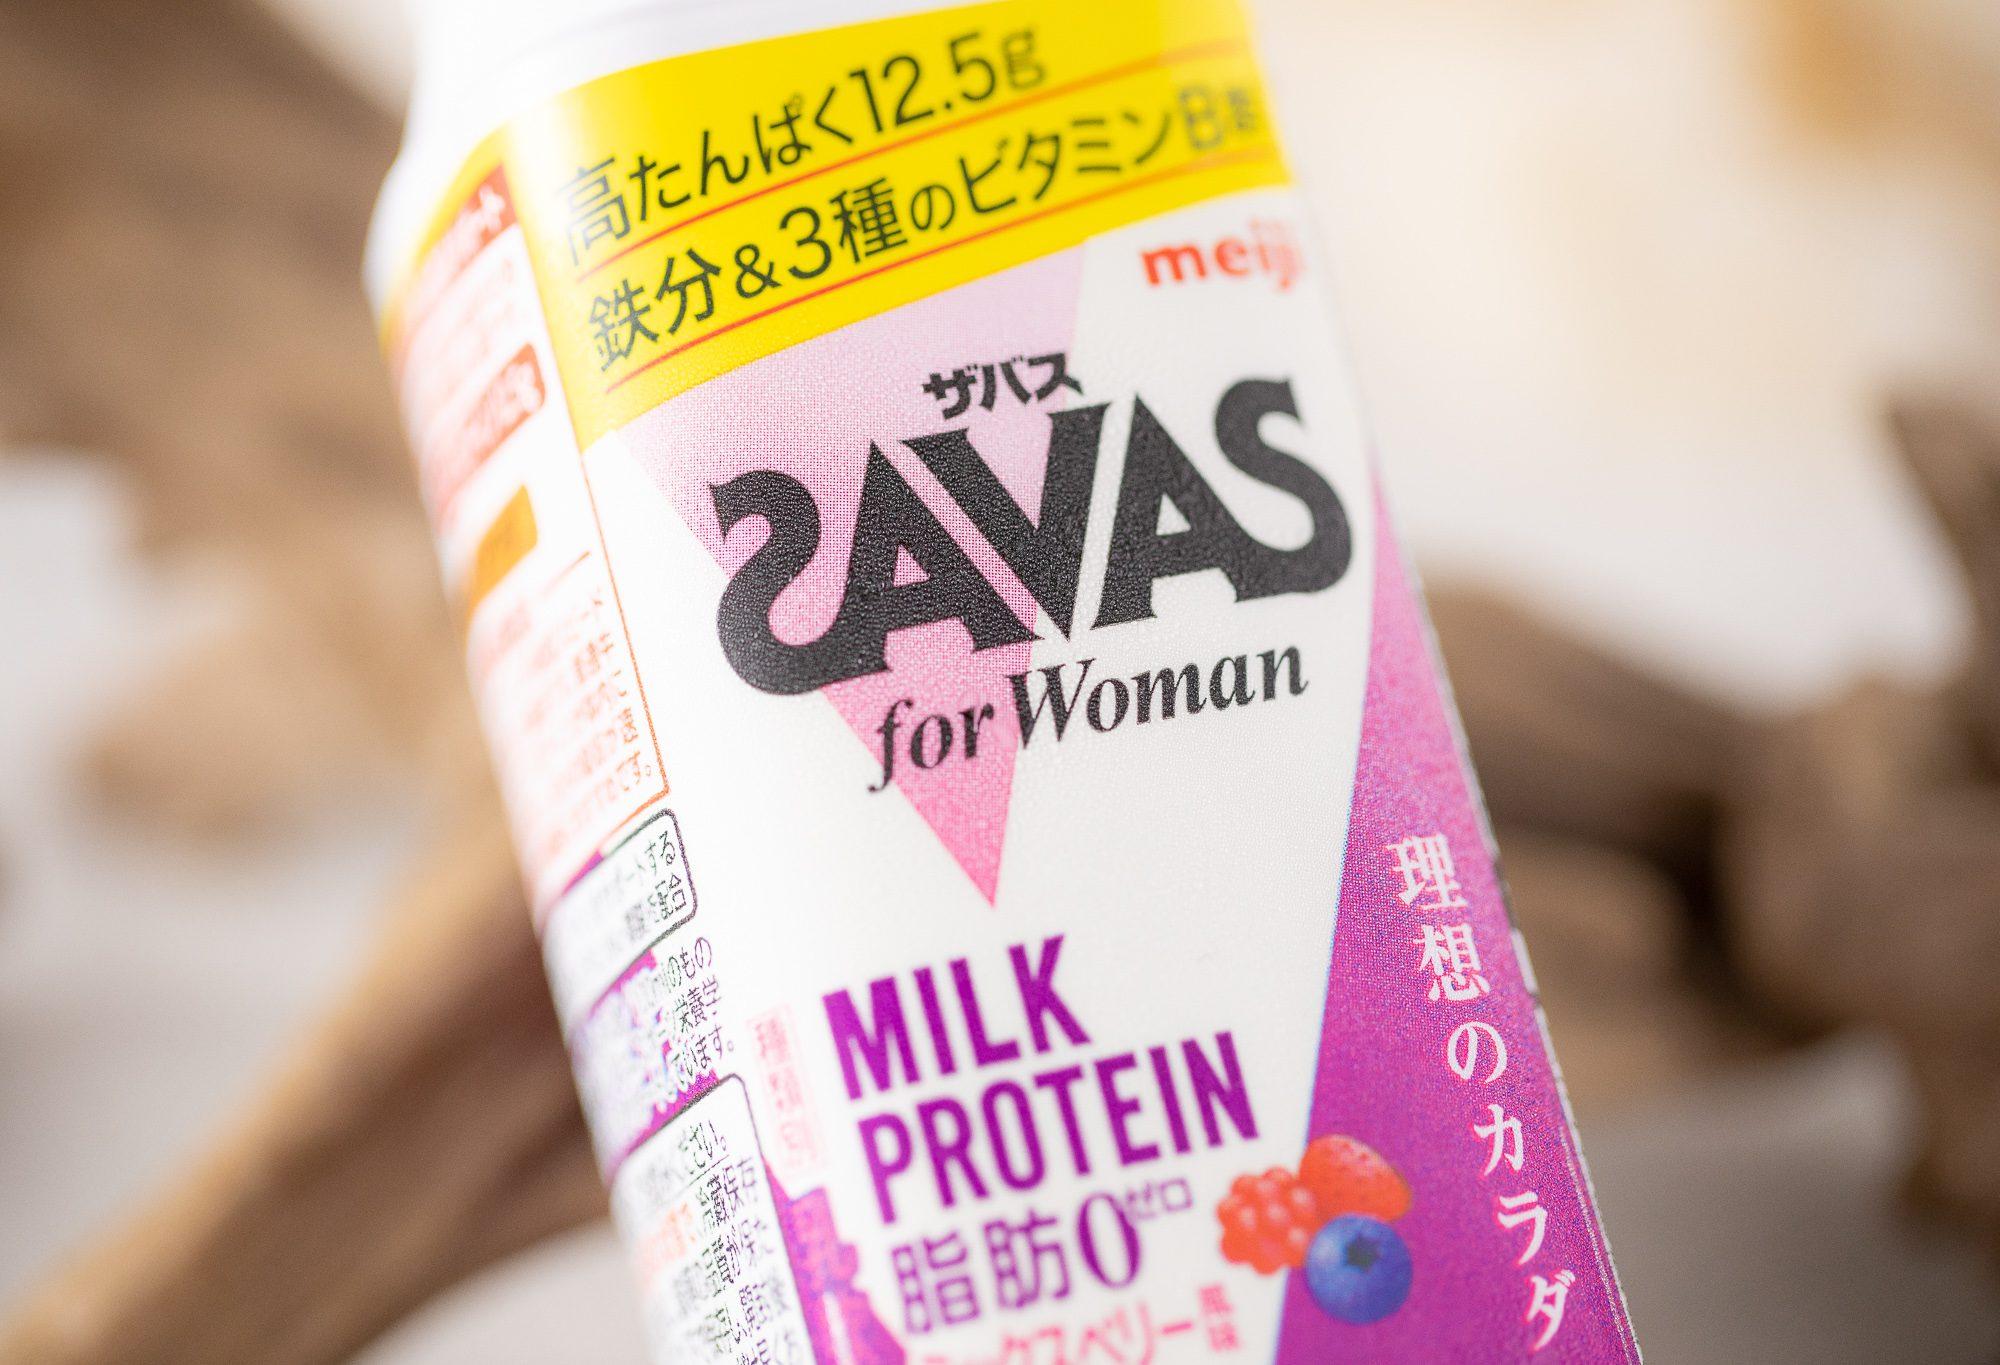 明治『(ザバス for Woman)MILK PROTEIN 脂肪0 ミックスベリー風味 250ml』はやや強めの酸味が運動後の身体にも心地良い、とろとろプロテインドリンク!